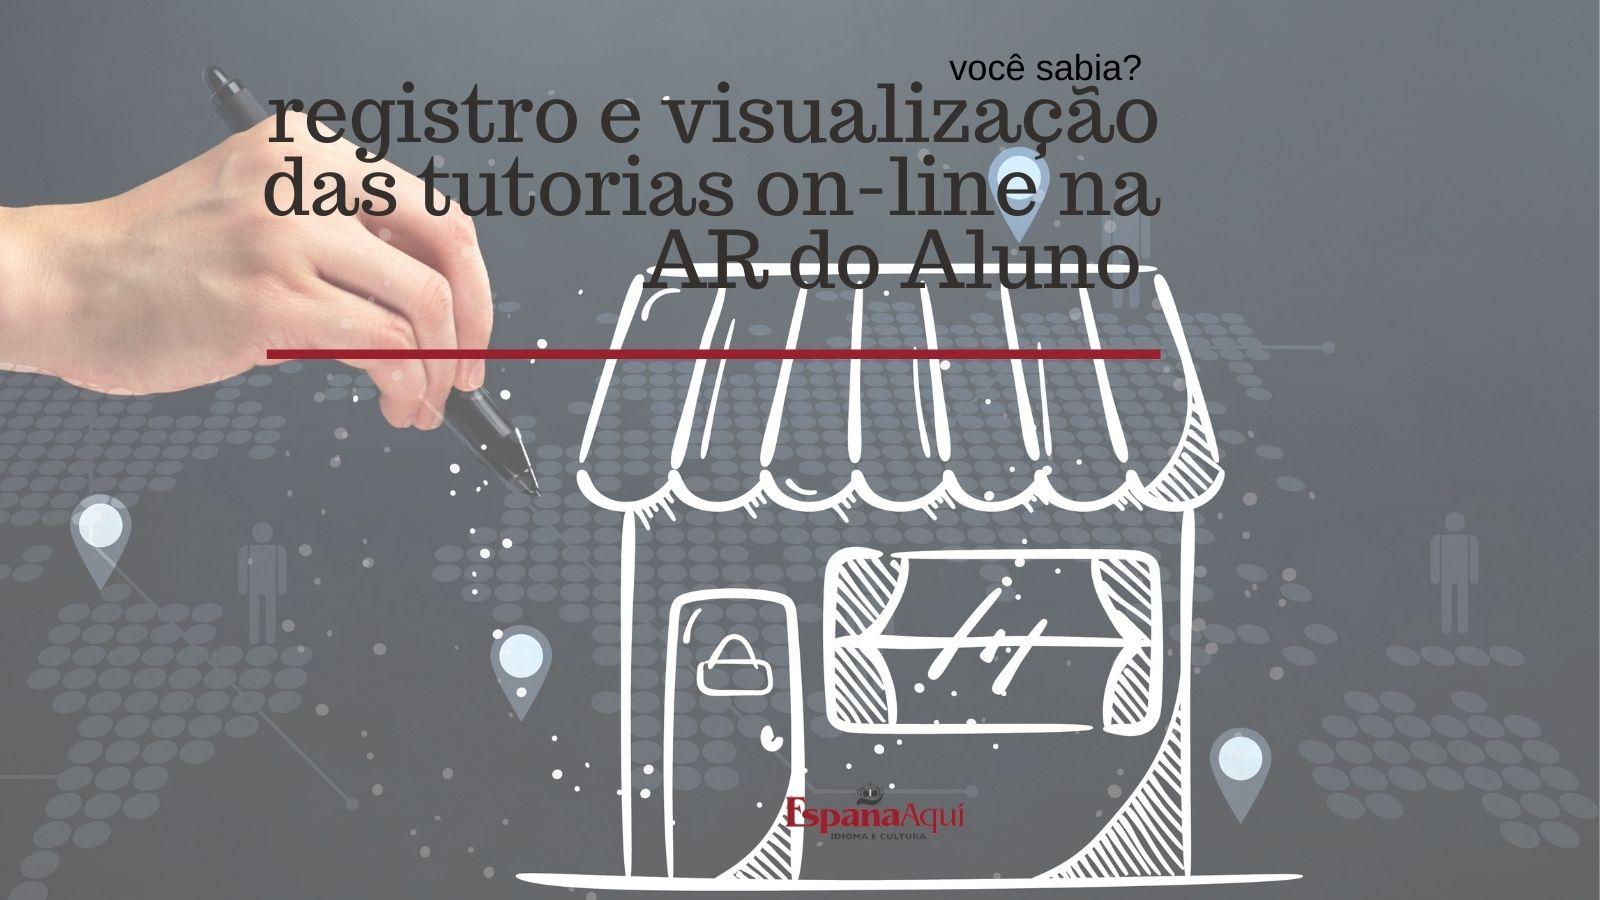 http://www.espanaaqui.com.br/pdf/fevereiro%202021/C%c3%b3pia%20de%20o%20melhor%20da%20Espa%c3%b1aAqu%c3%ad.%20%20registro%20e%20visualiza%c3%a7%c3%a3o%20tutorias.jpg